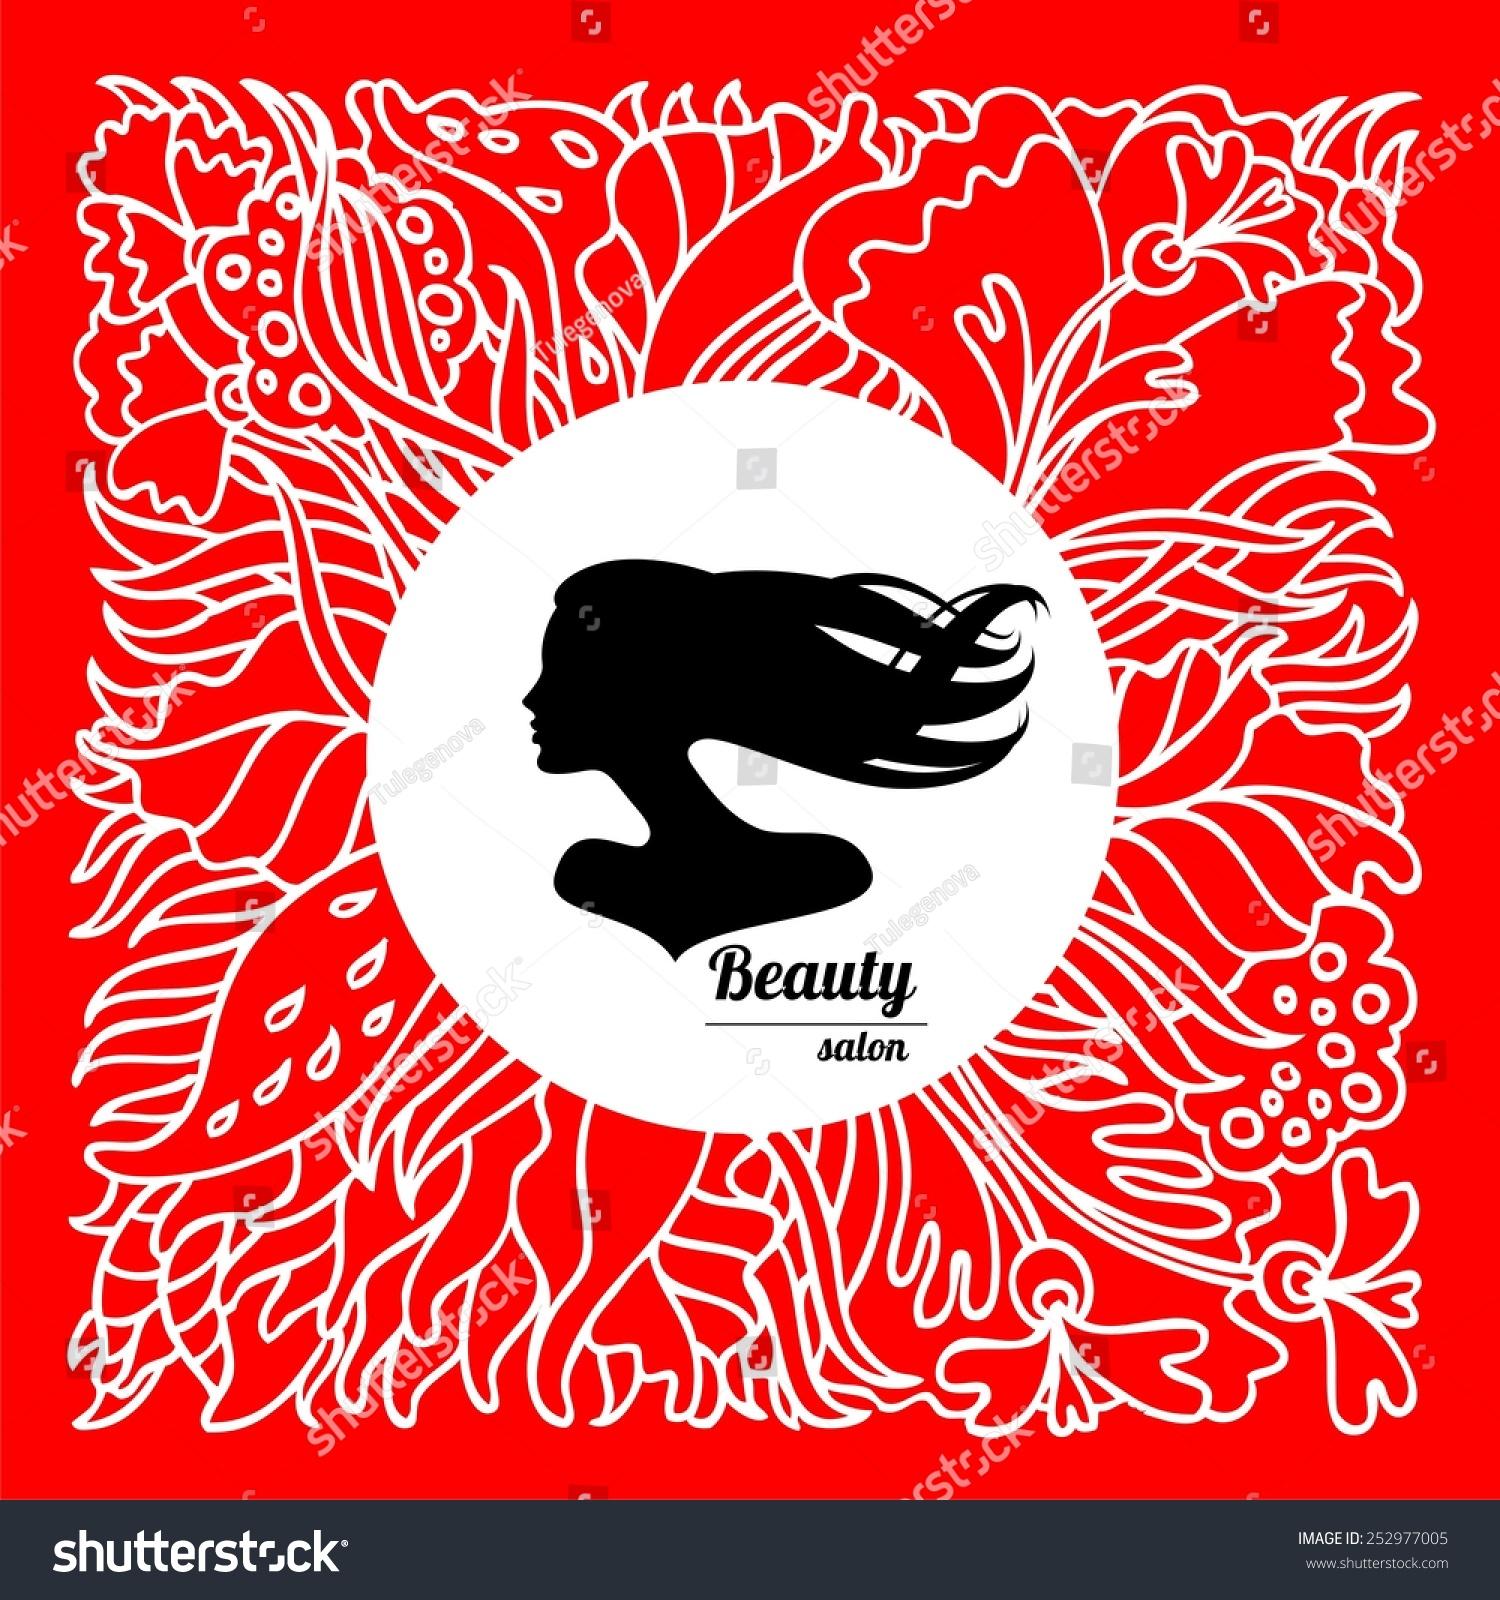 Design Business Card Hair Beauty Salon Stock Vector 252977005 ...